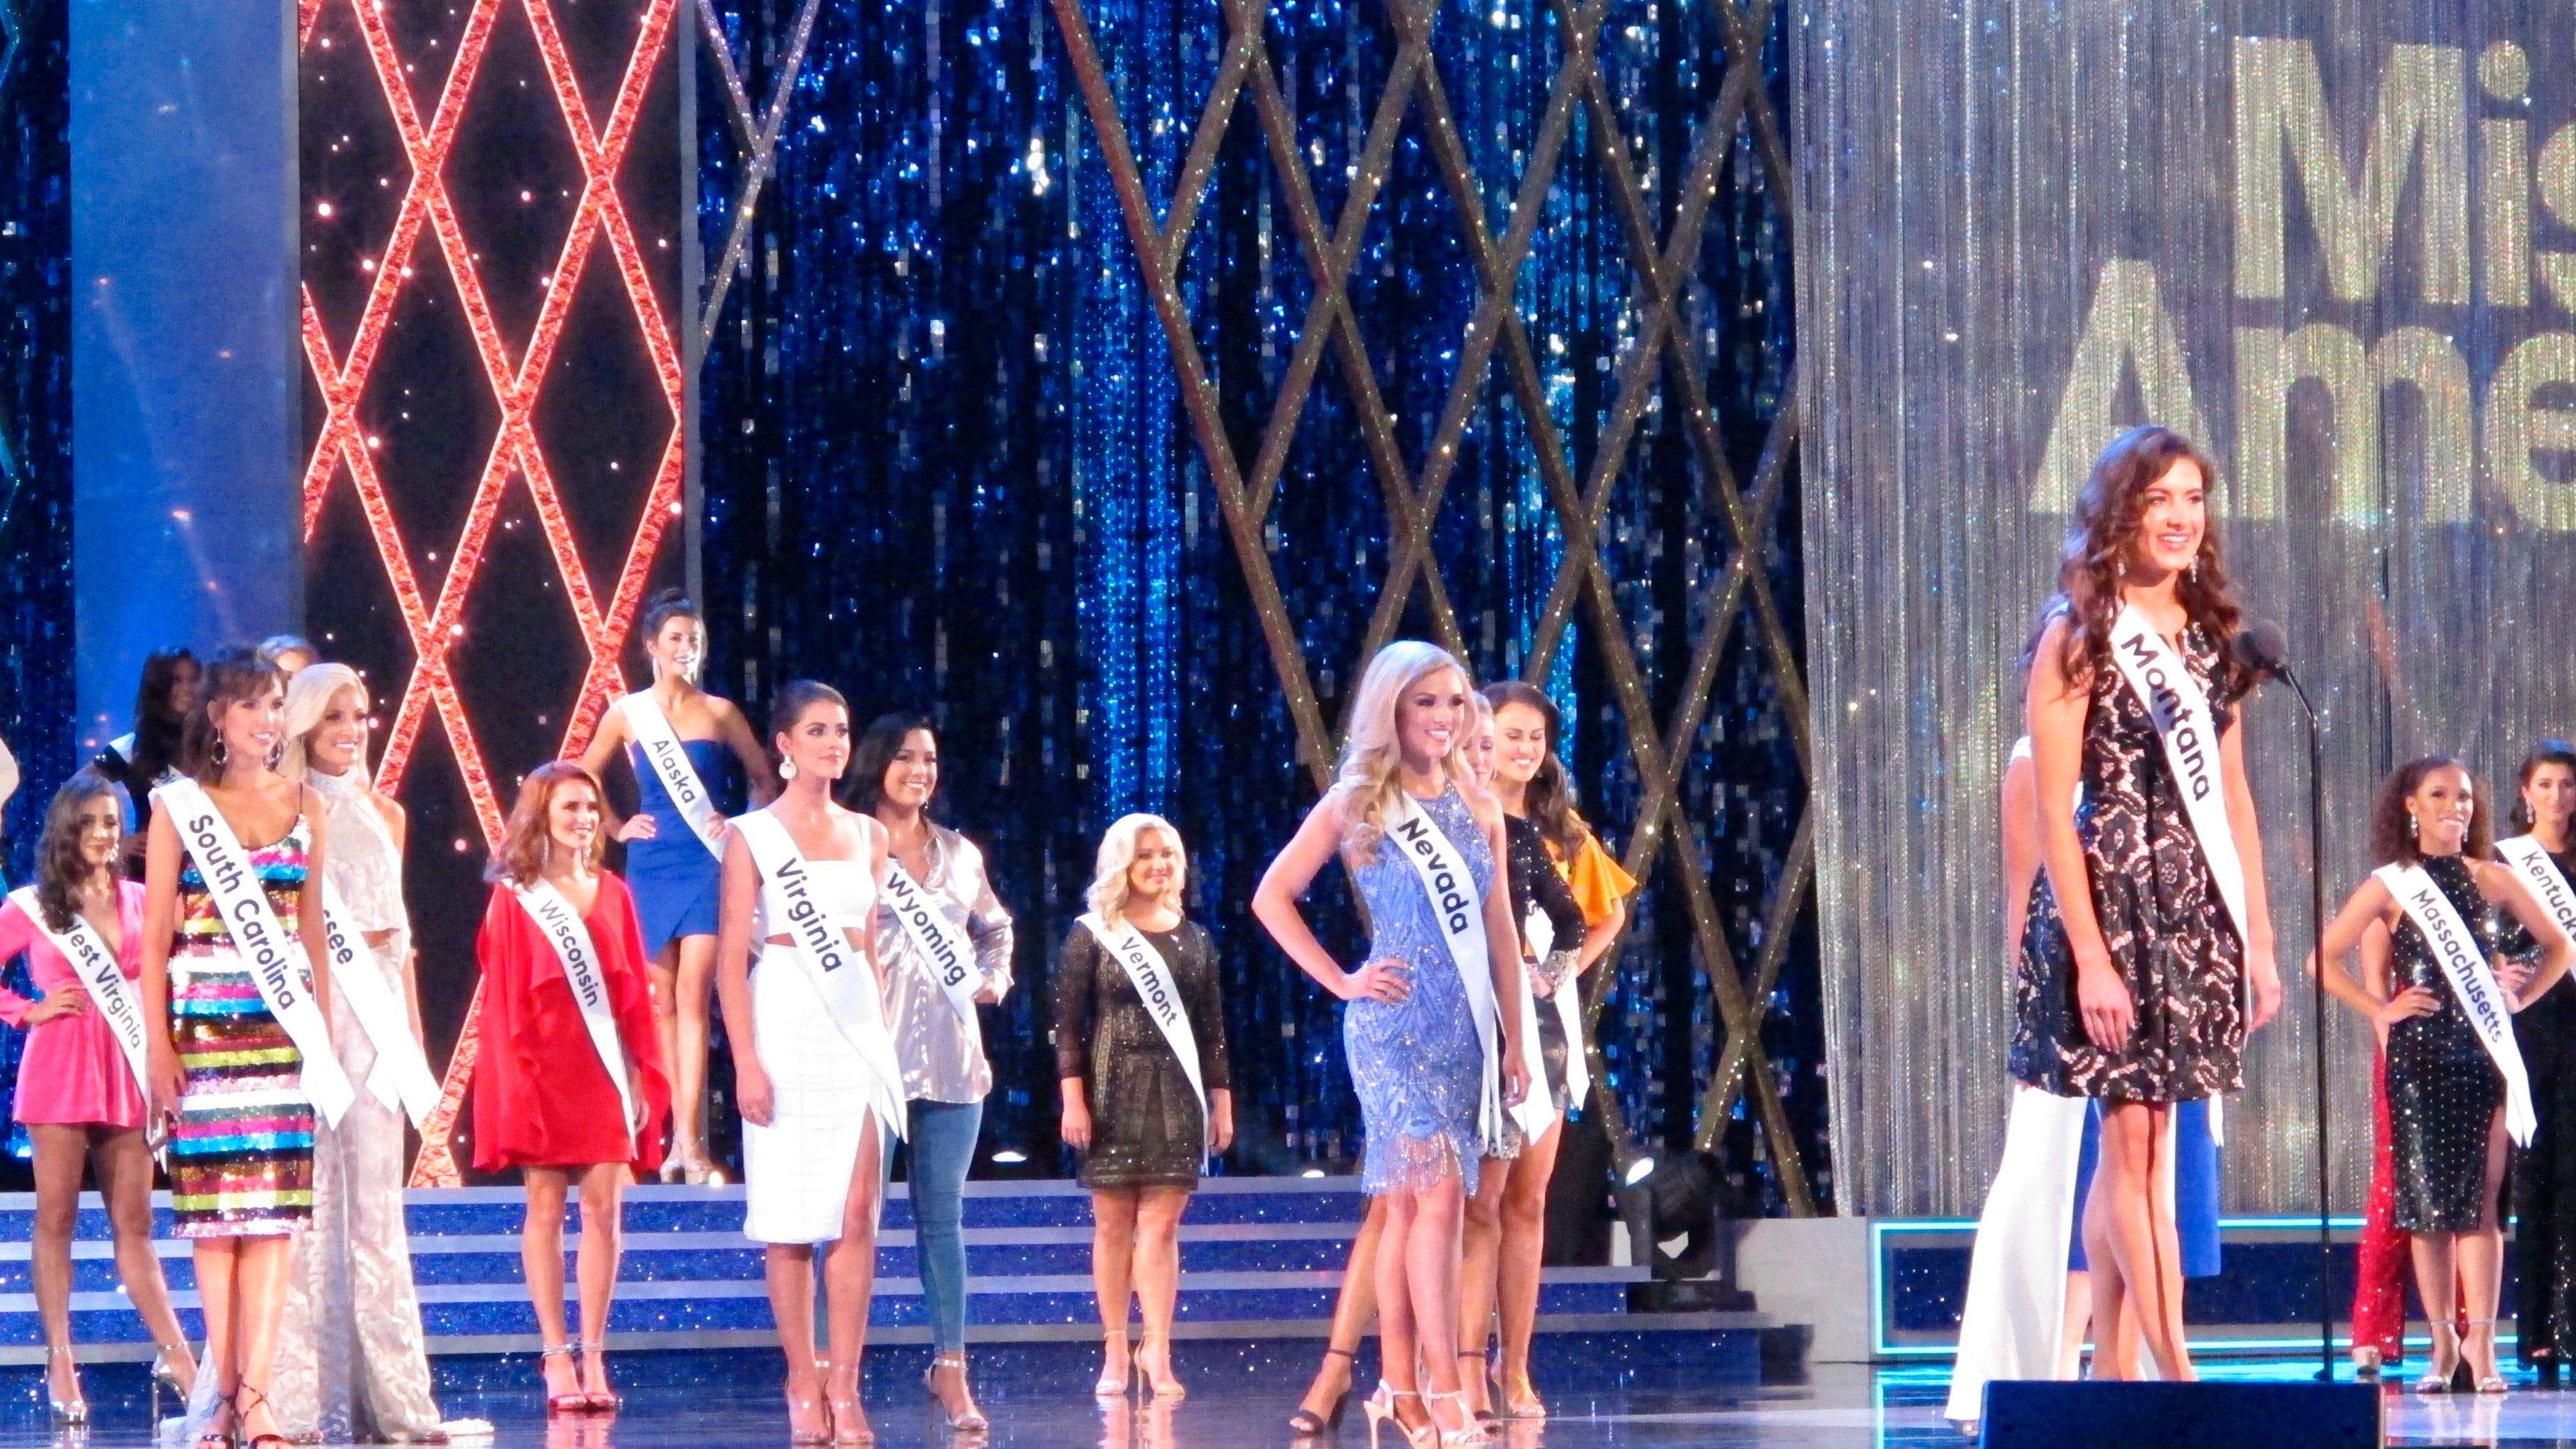 Miss america 2019 date in Brisbane